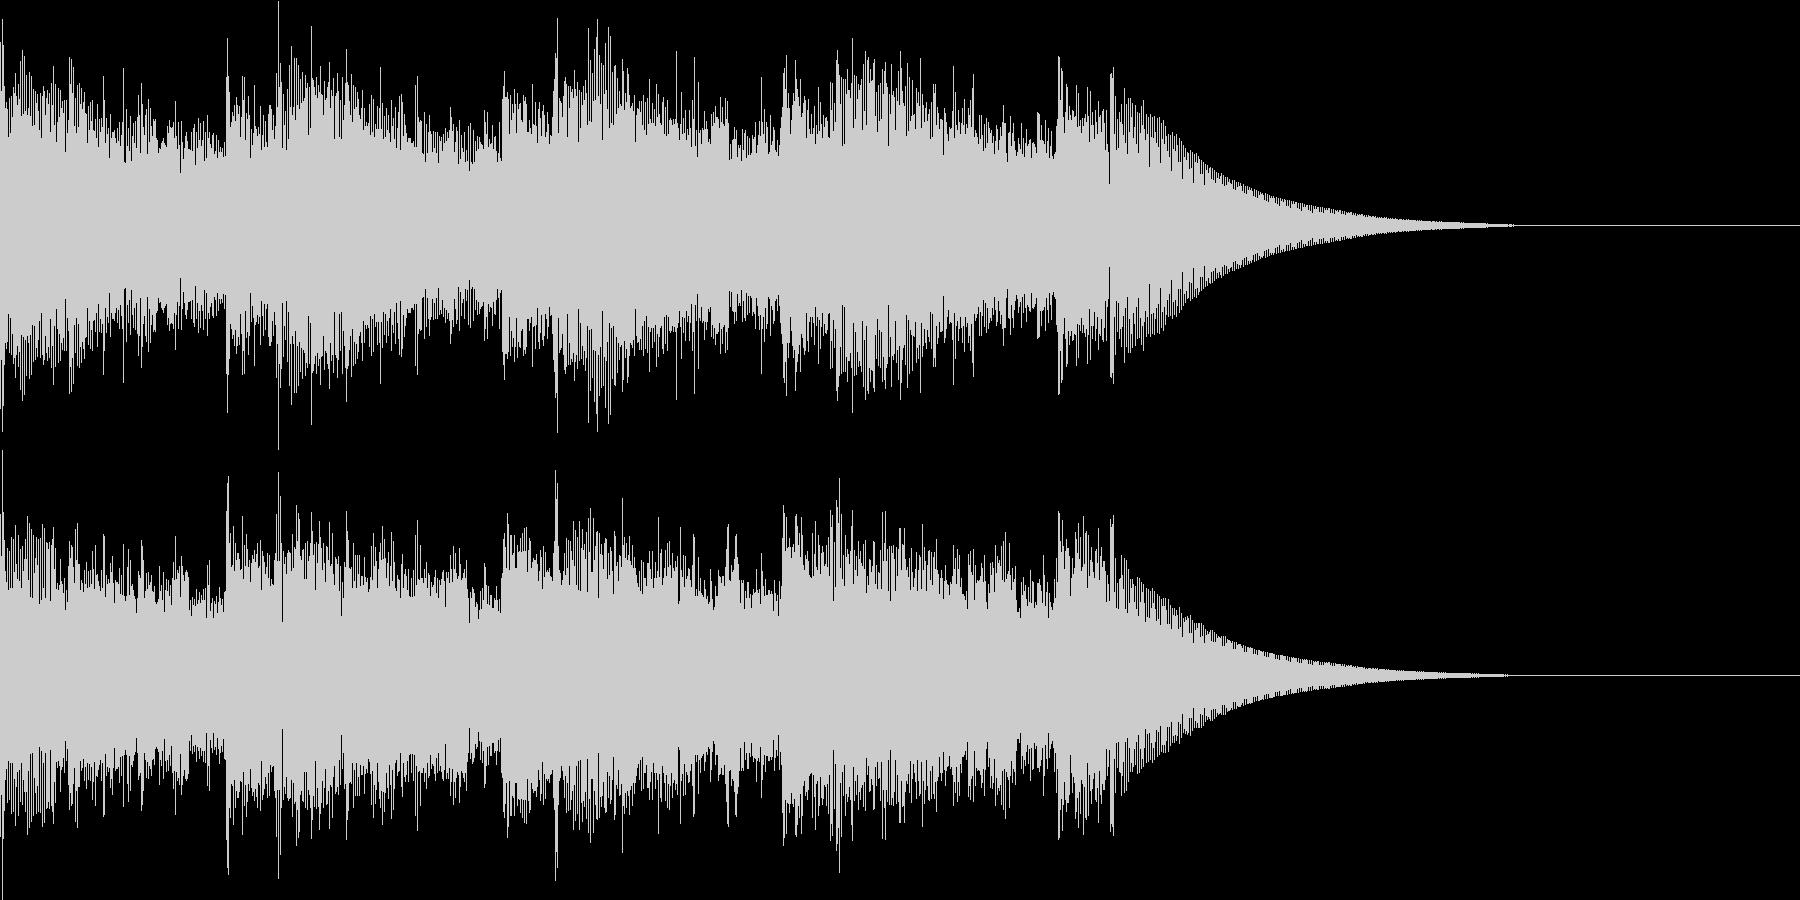 エレキギターのヘビーBGMの未再生の波形